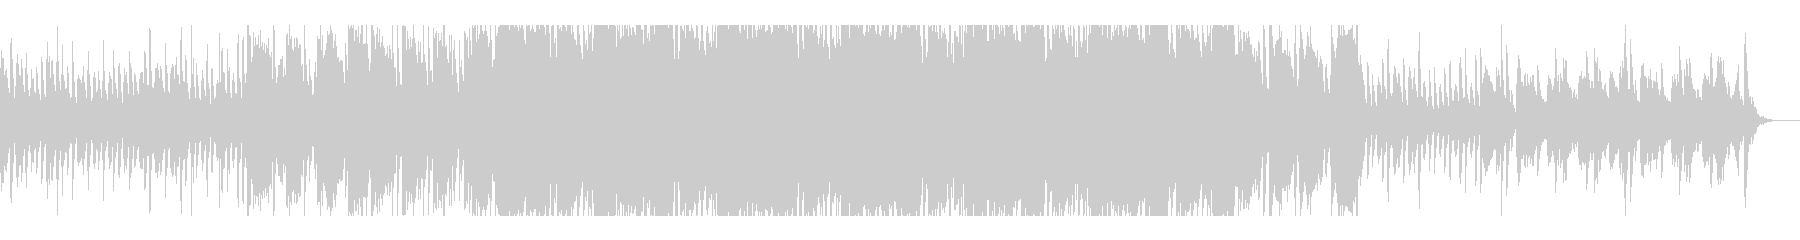 ワルツ調ホラーピアノ曲の未再生の波形